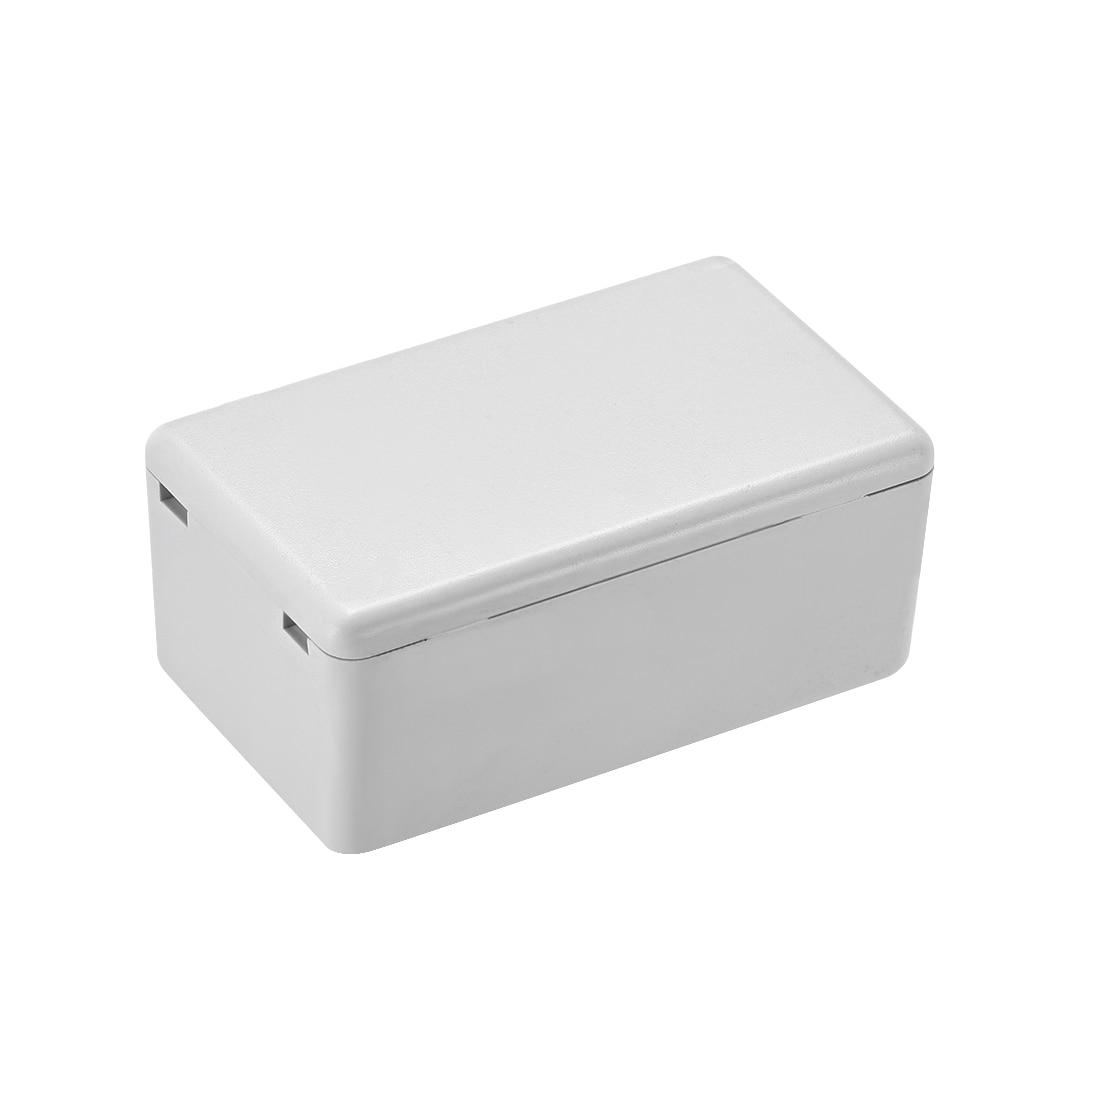 Caja de cierre electrónica de plástico DIY uxcell caja de cierre electrónica caja de proyecto blanca 60x36x25mm